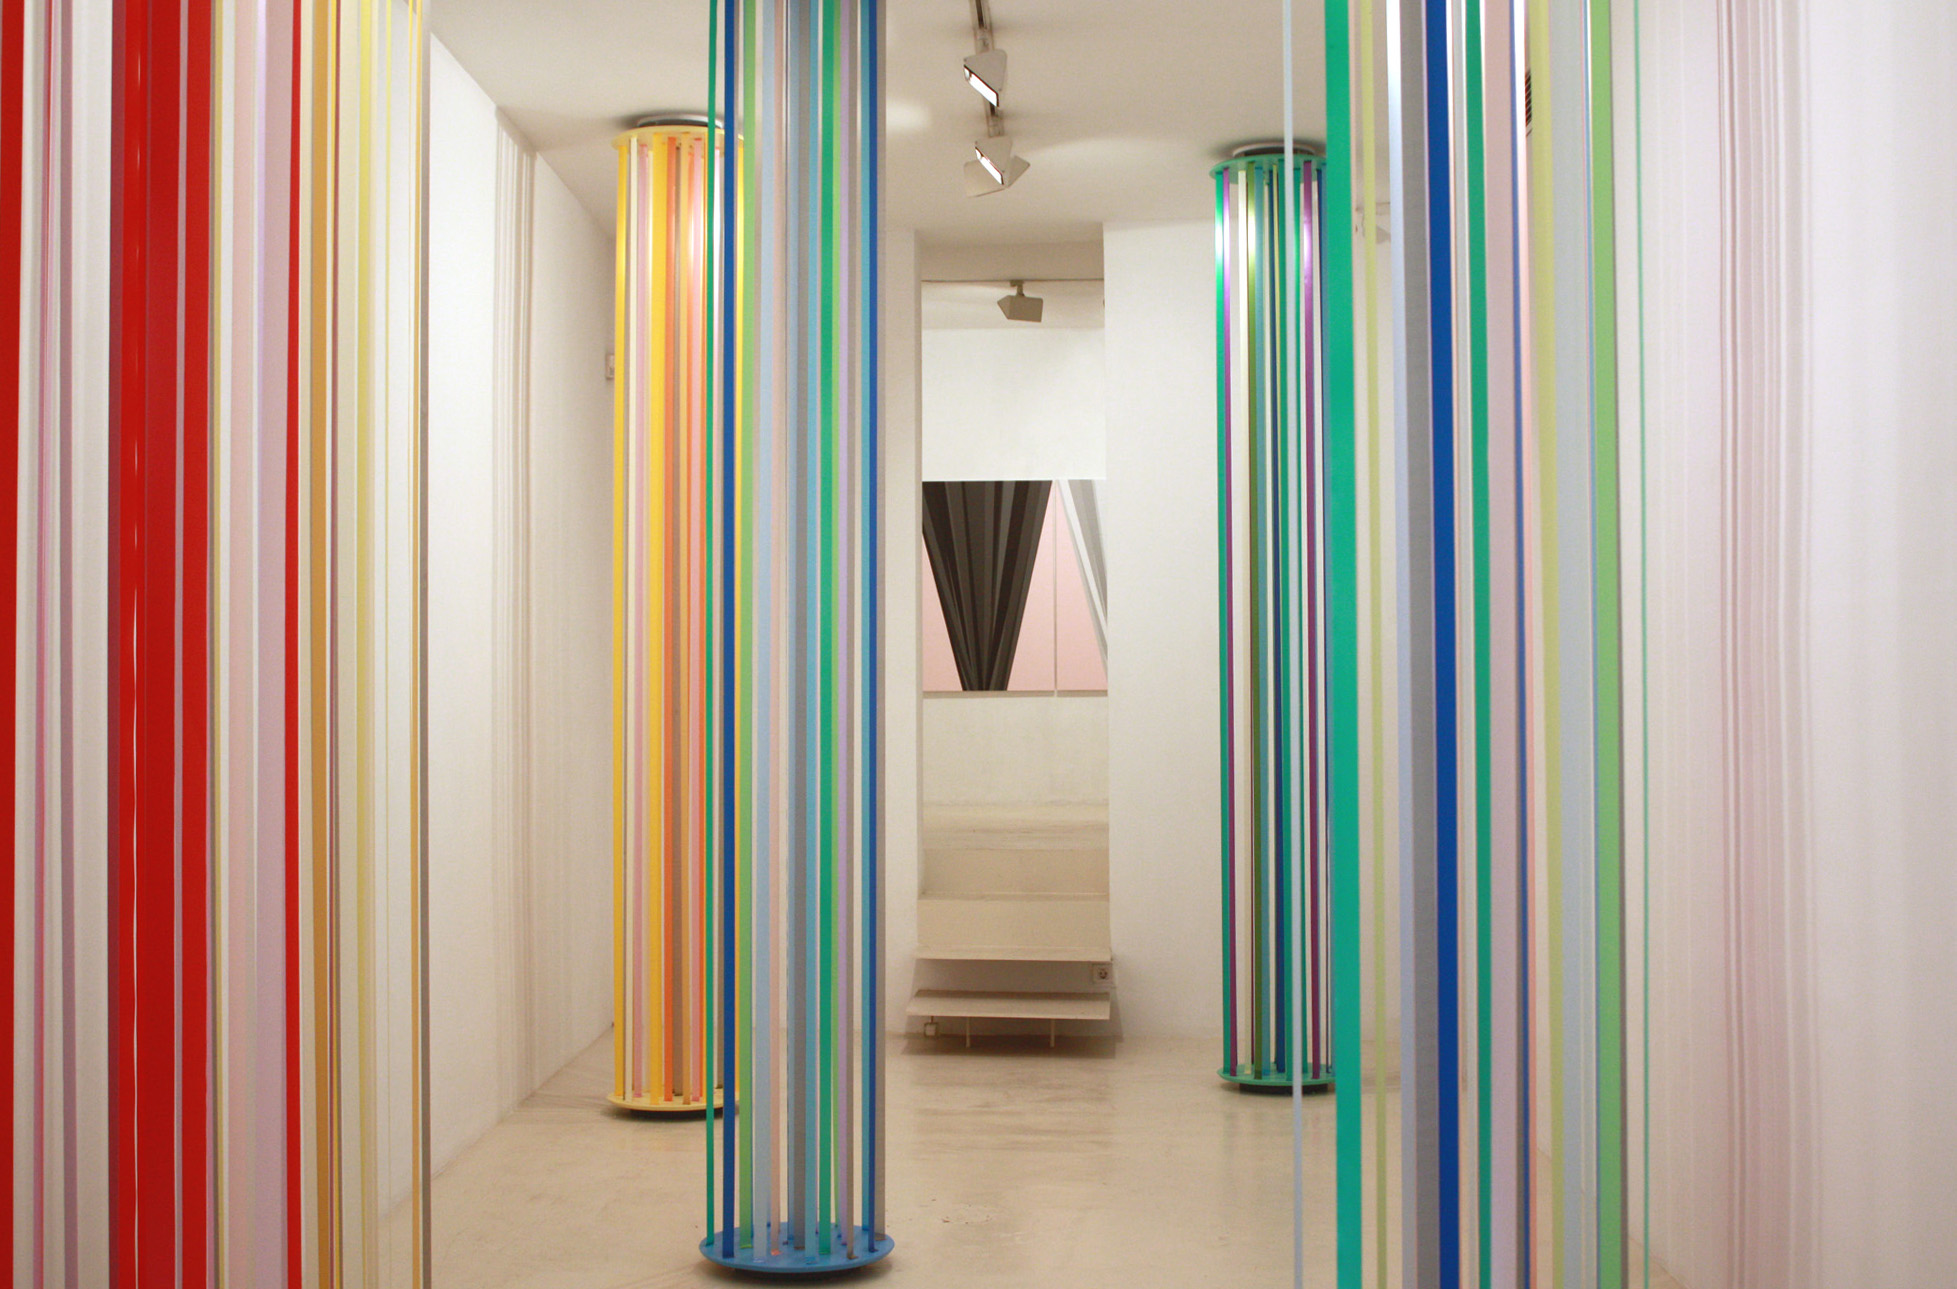 Exhibition view Memorias Imaginadas in the Galeria Maior Palma, 2013